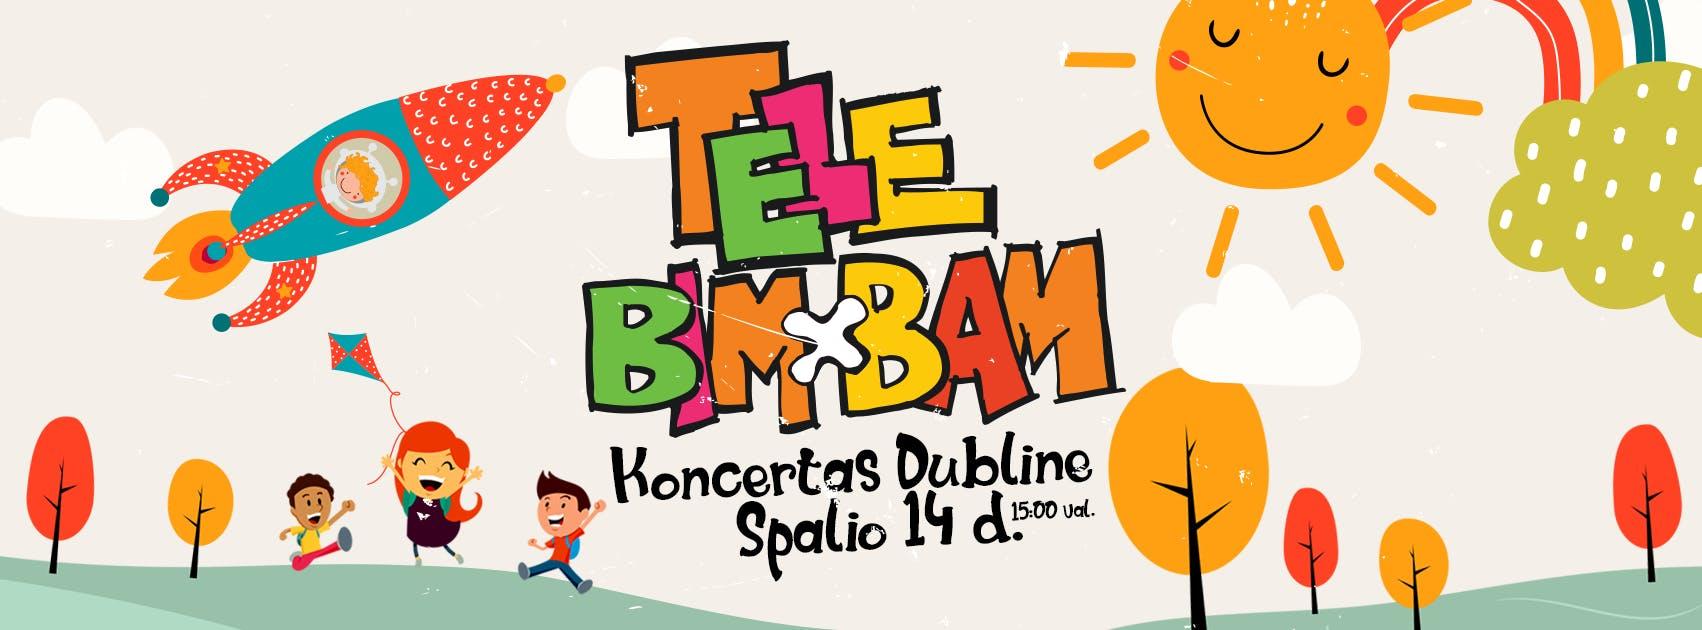 TELE BIM BAM - koncertas šeimai Dubline